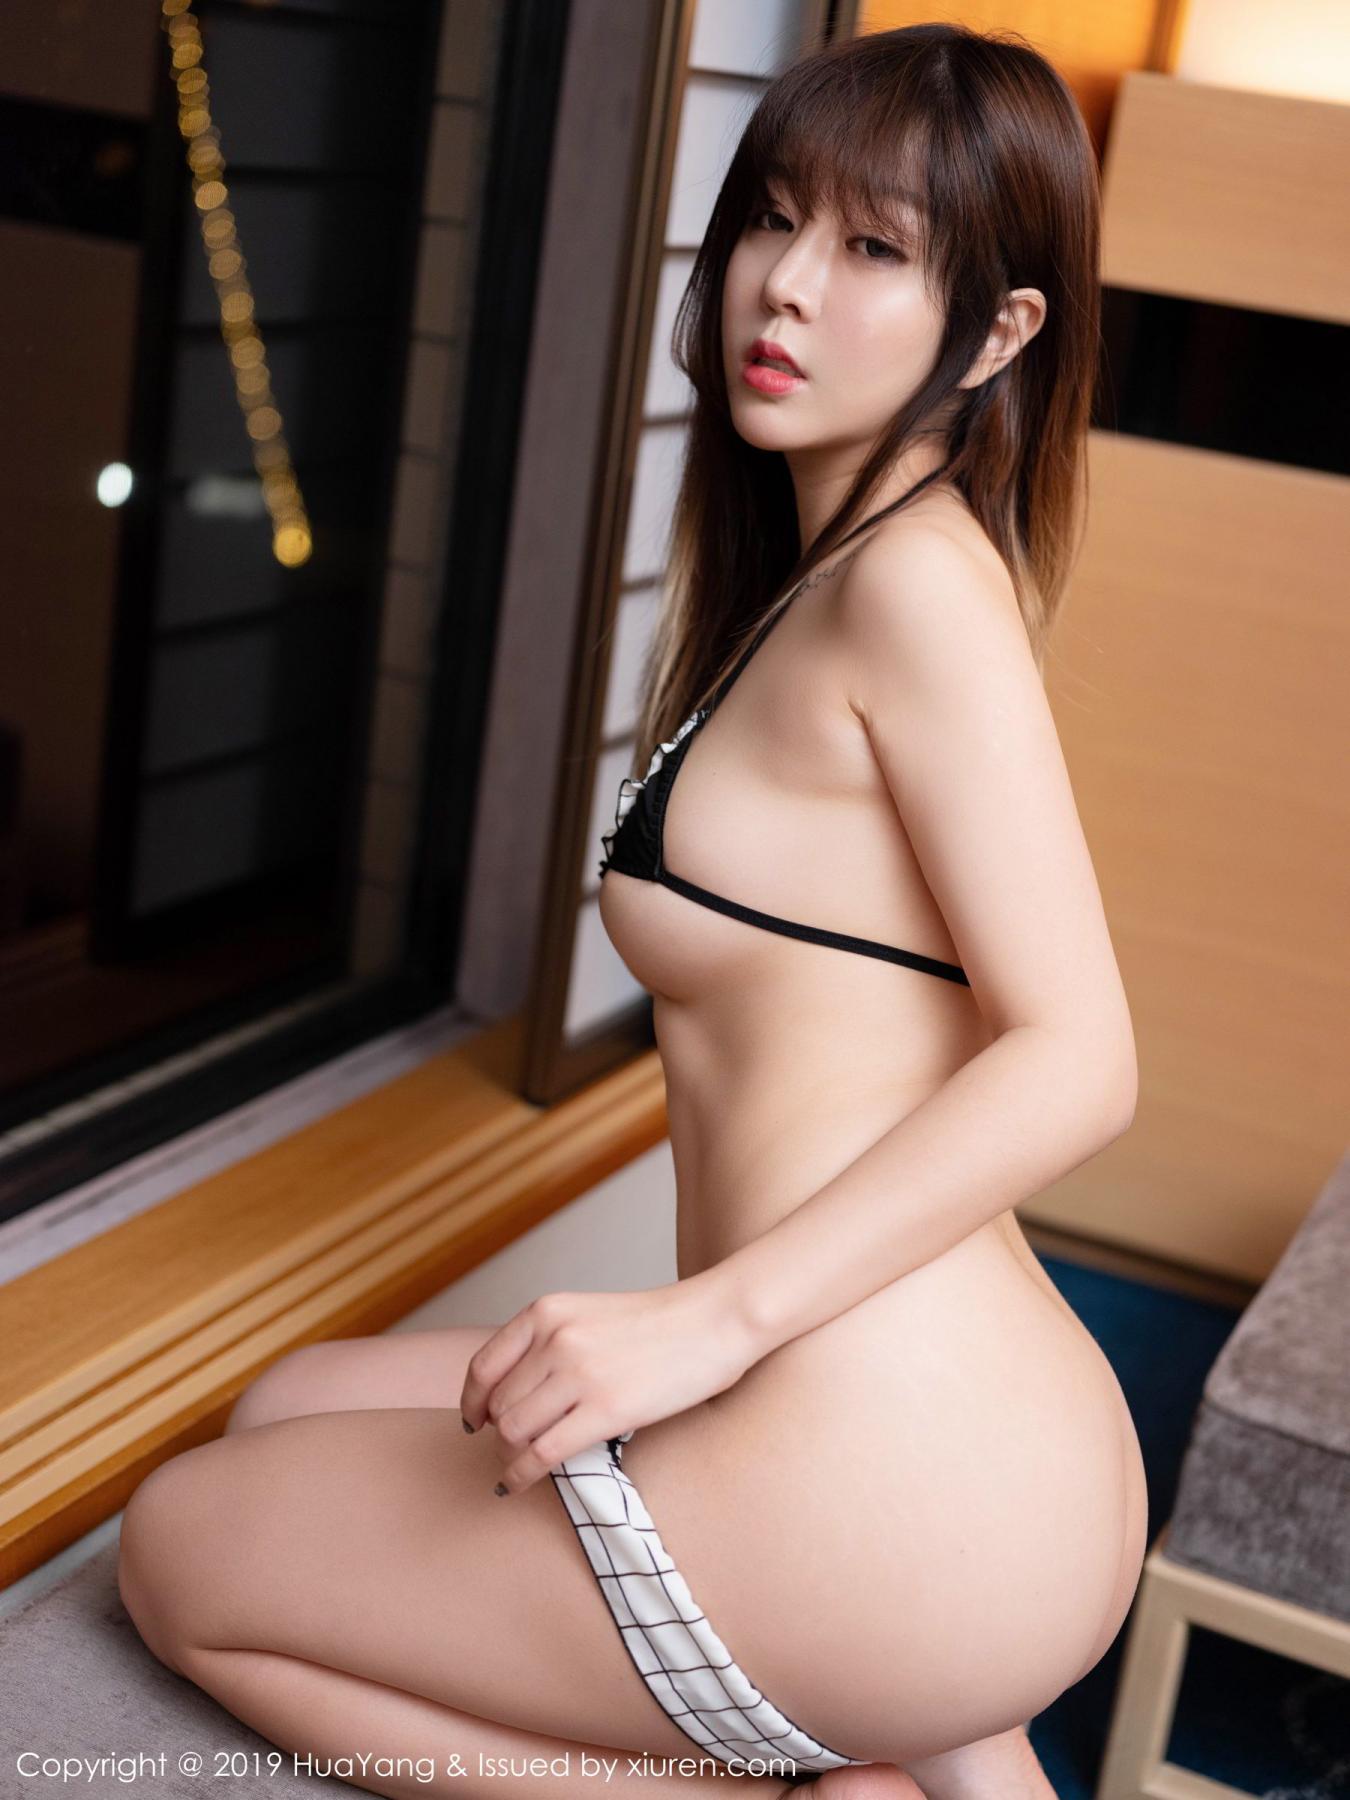 [Huayang] Vol.146 Wang Yu Chun 23P, HuaYang, Sexy, Underwear, Wang Yu Chun